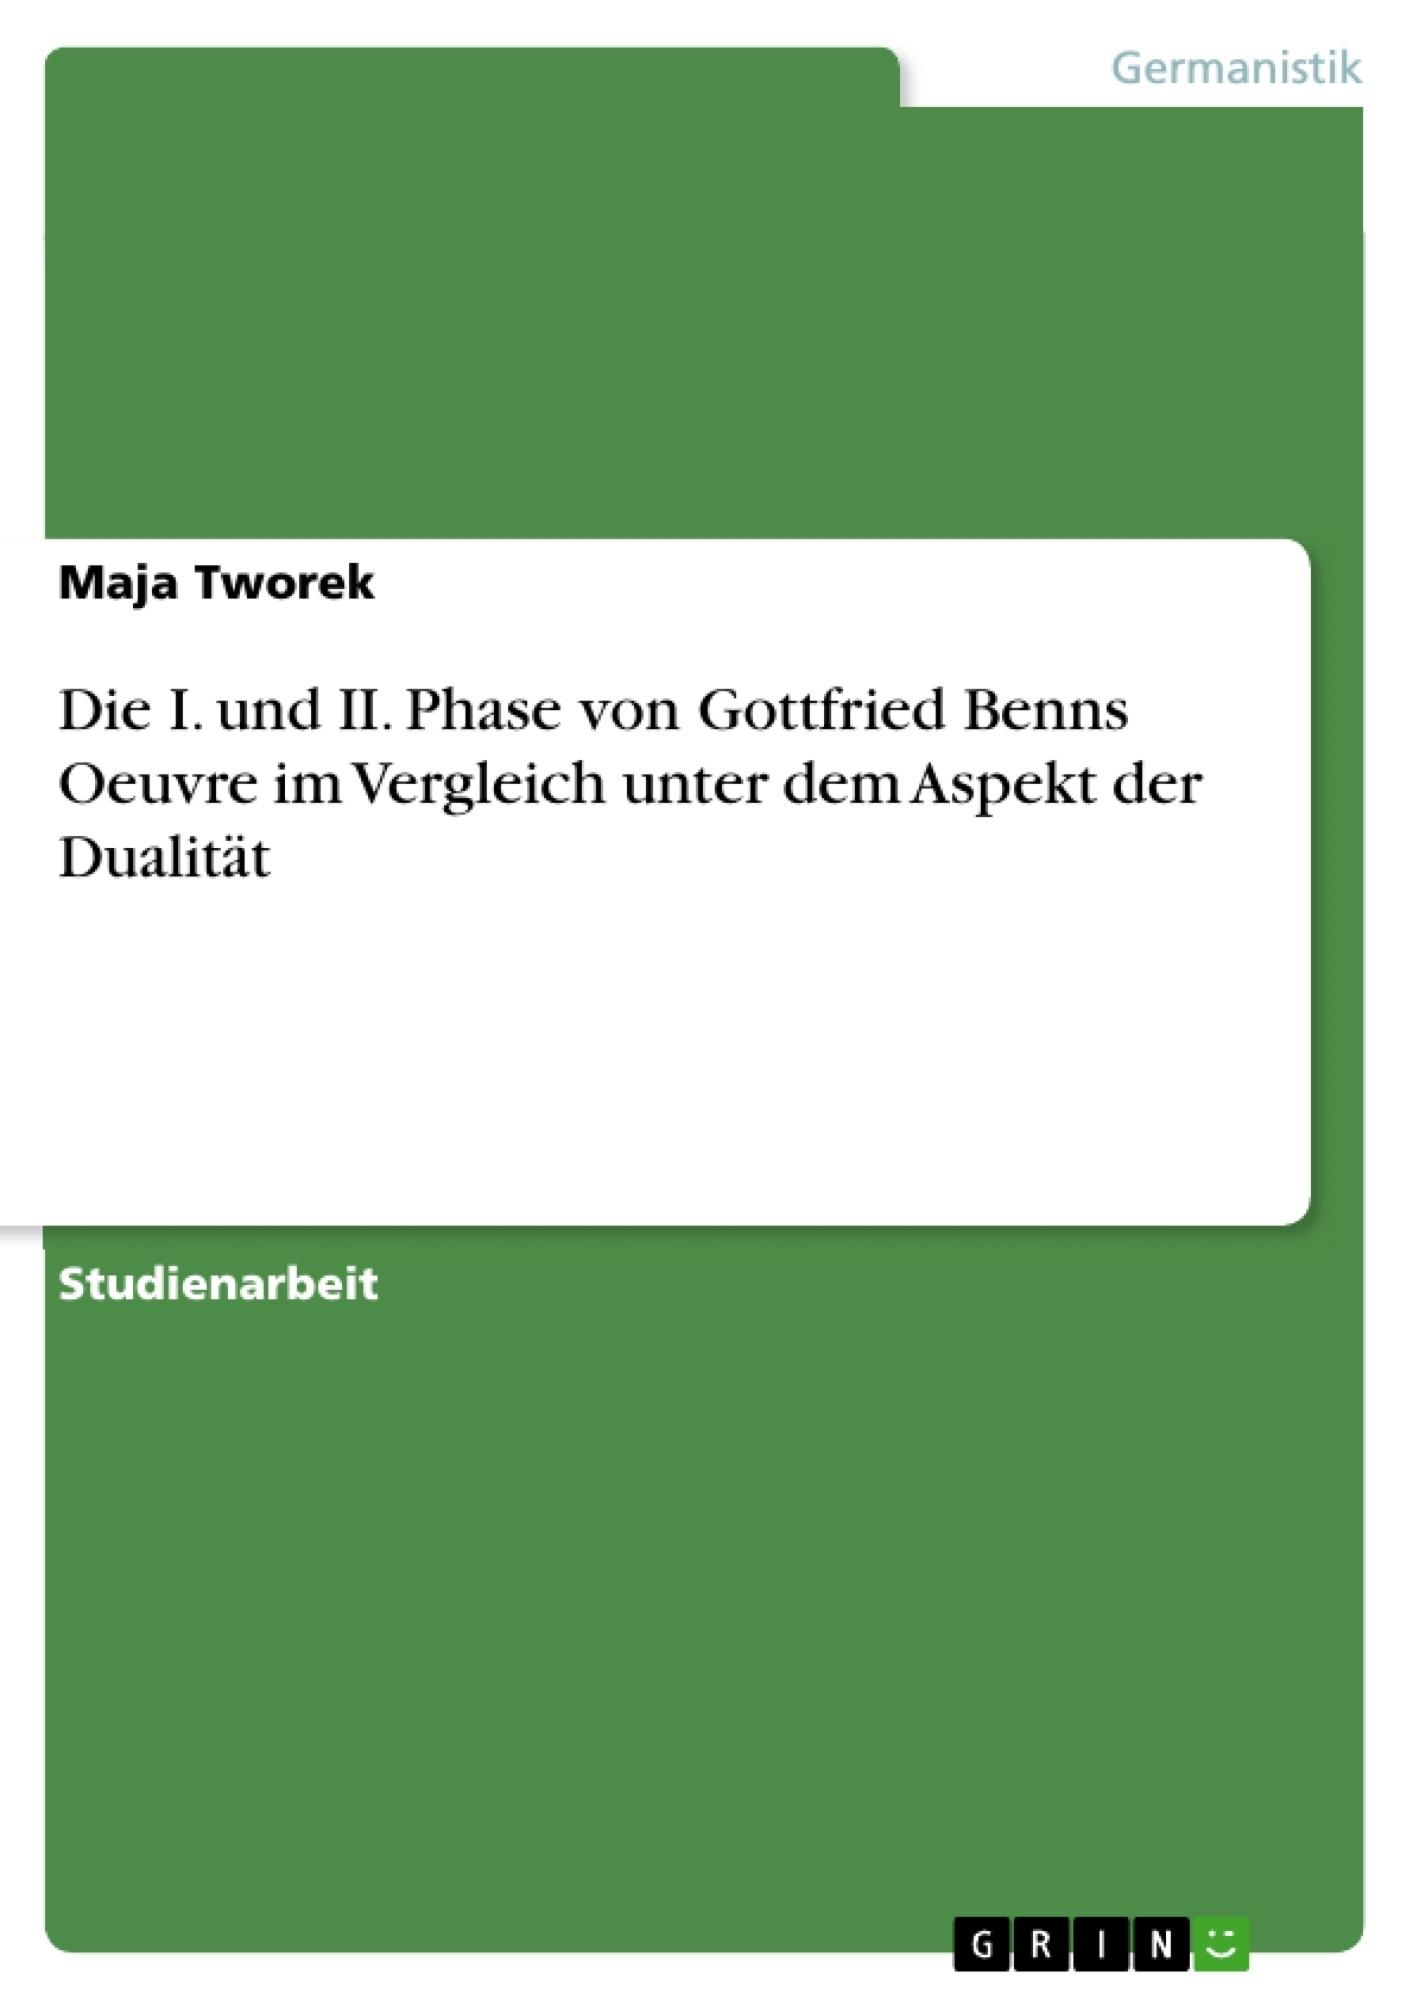 Titel: Die I. und II. Phase von Gottfried Benns Oeuvre im Vergleich unter dem Aspekt der Dualität